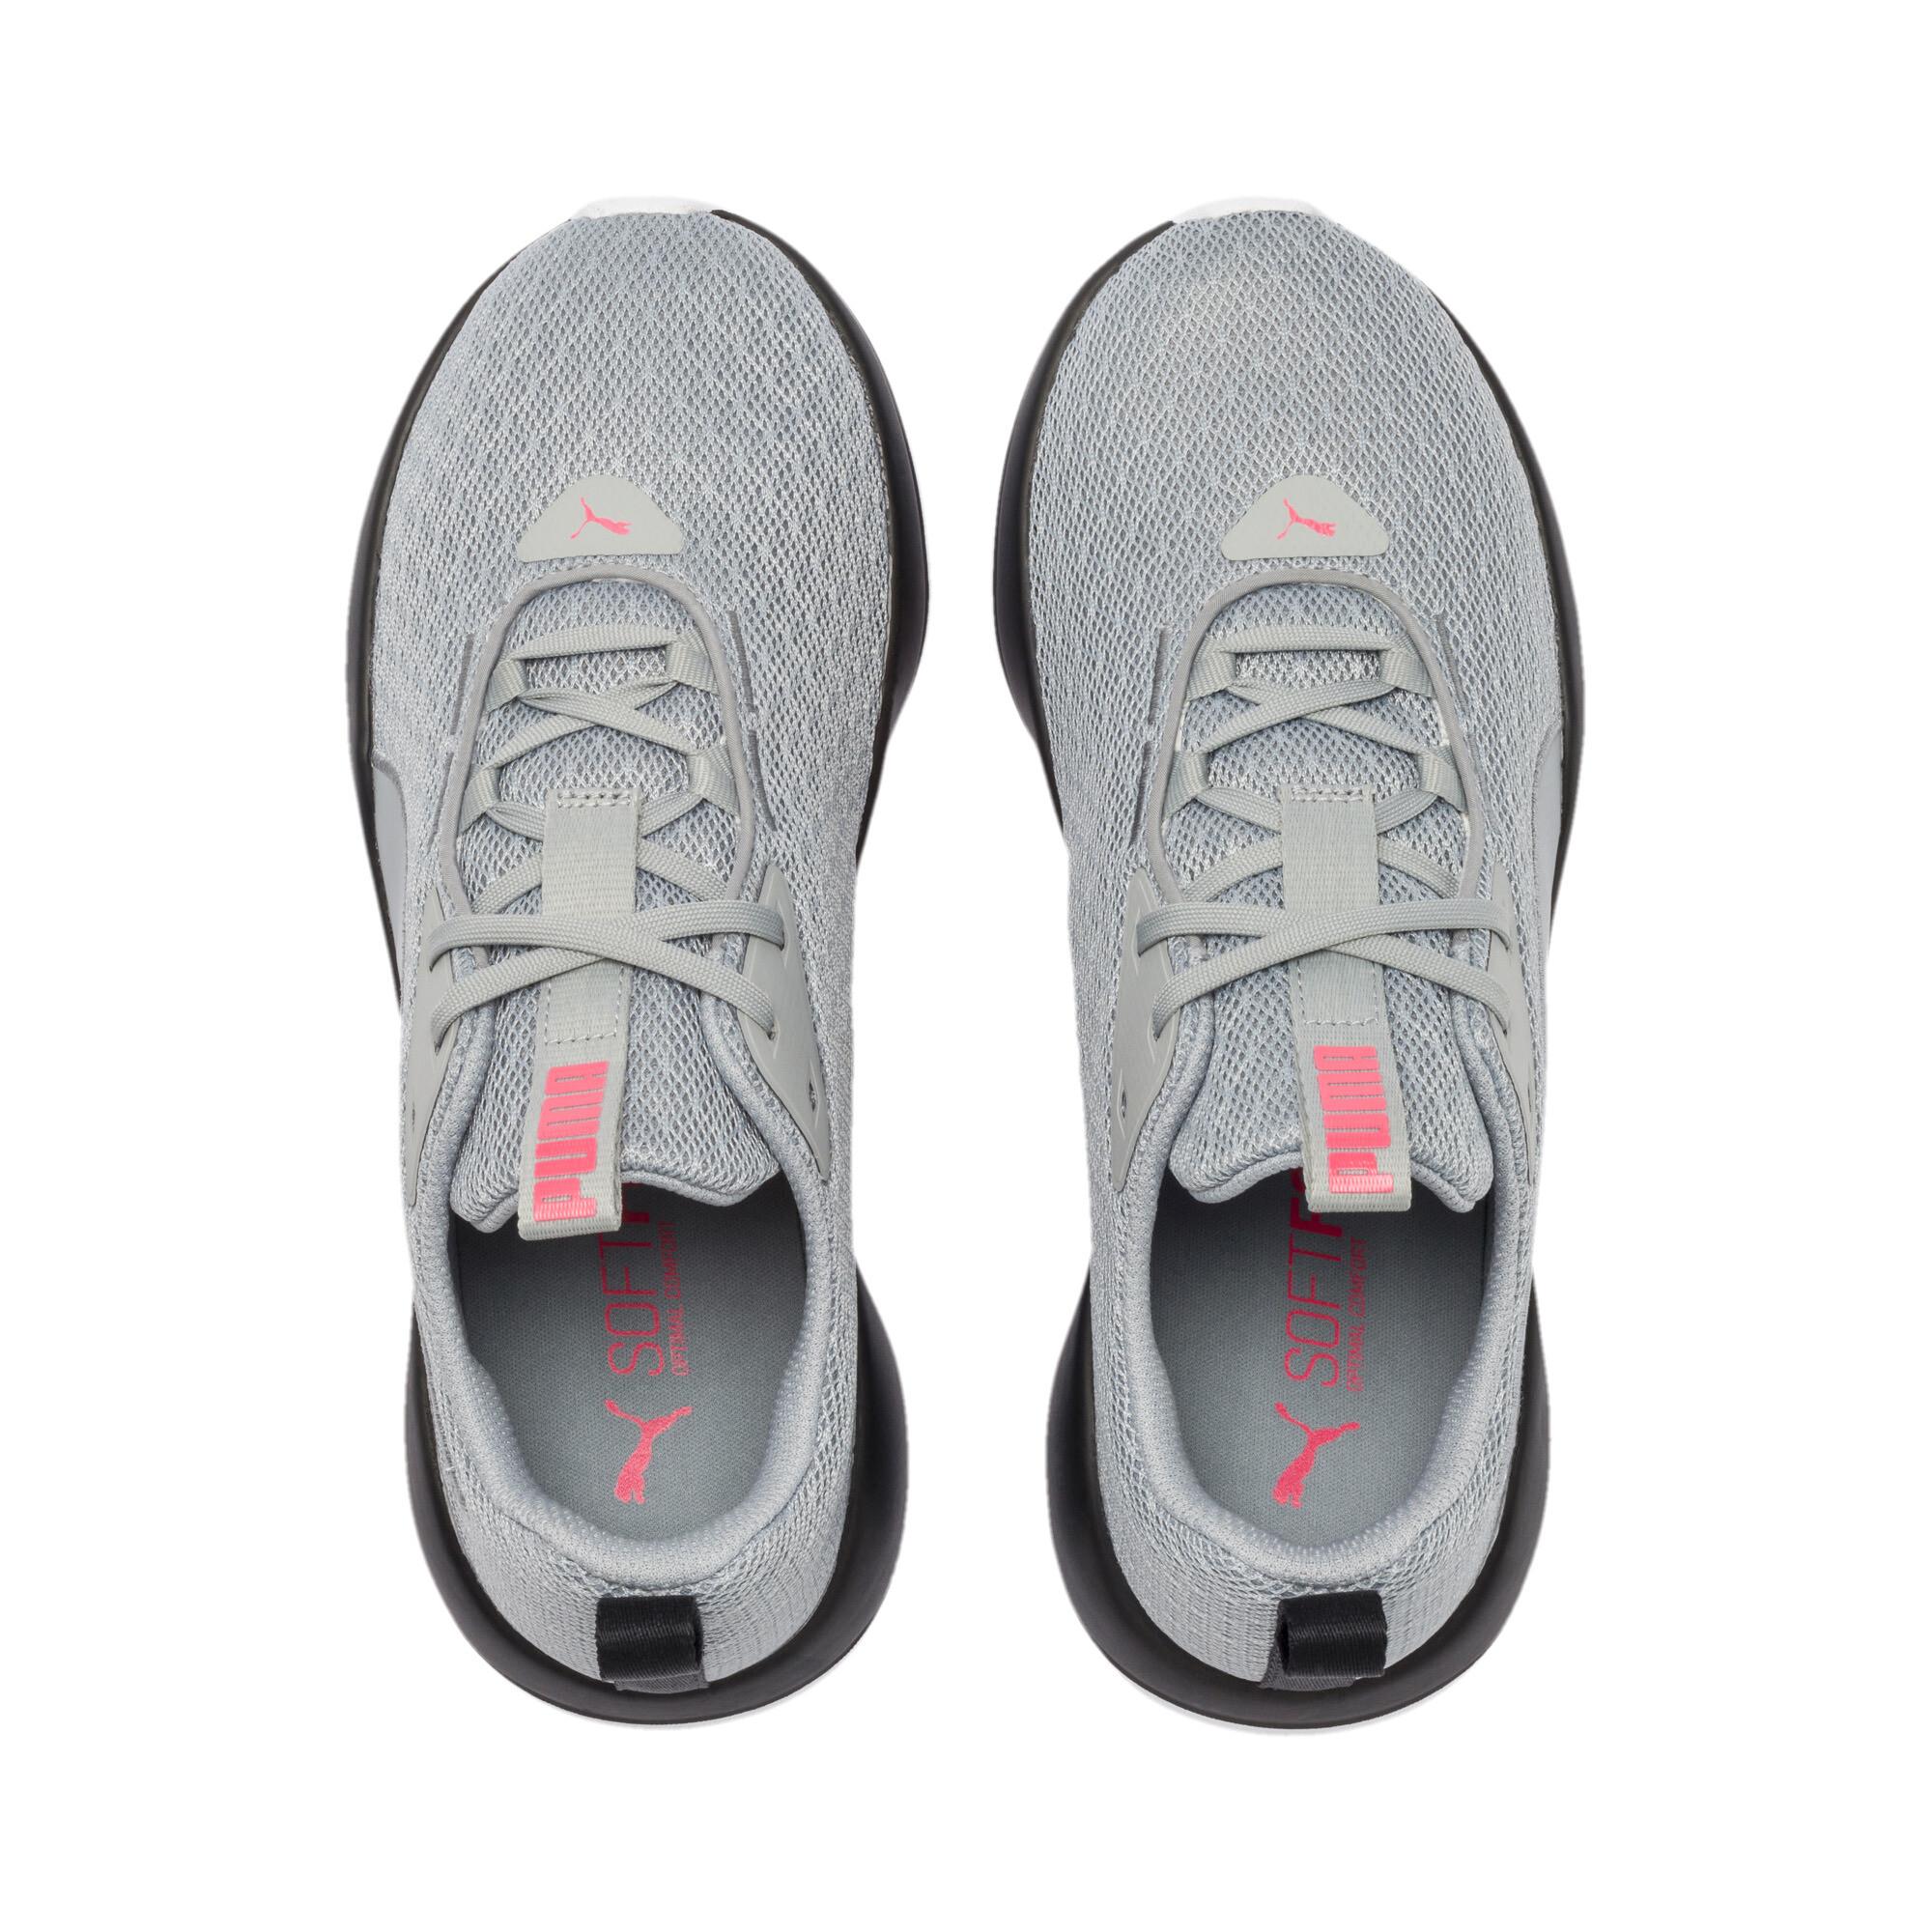 PUMA-Flourish-FS-Women-039-s-Training-Shoes-Women-Shoe-Training thumbnail 22